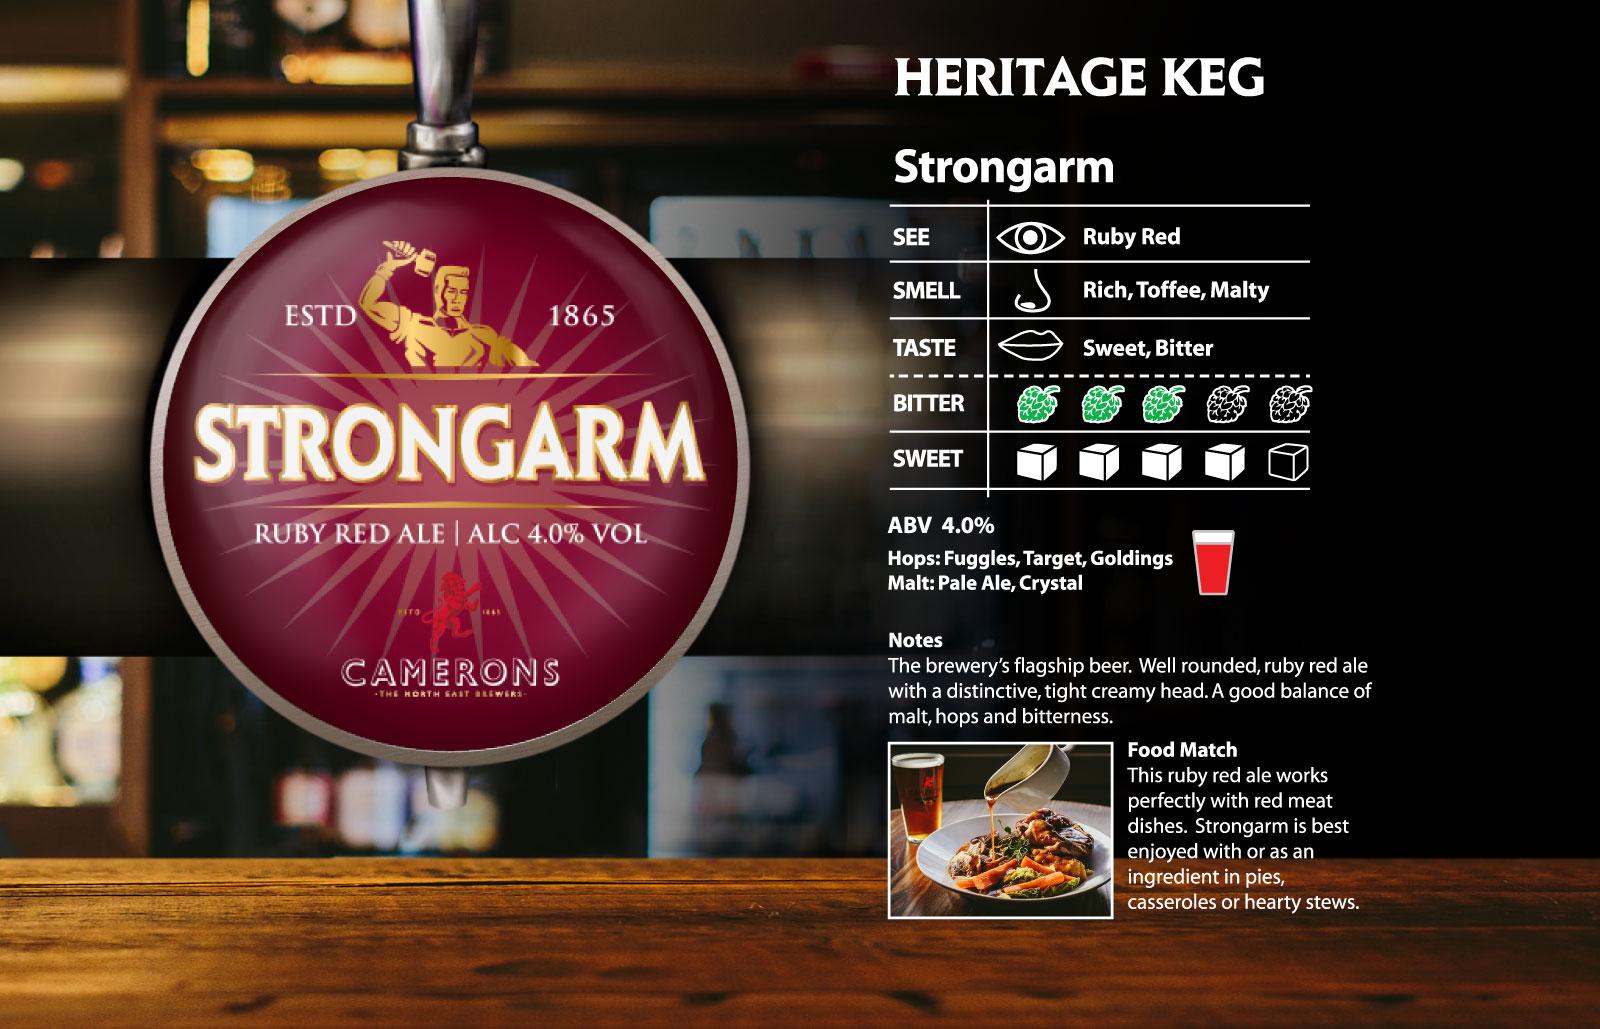 Strongarm Heritage Keg